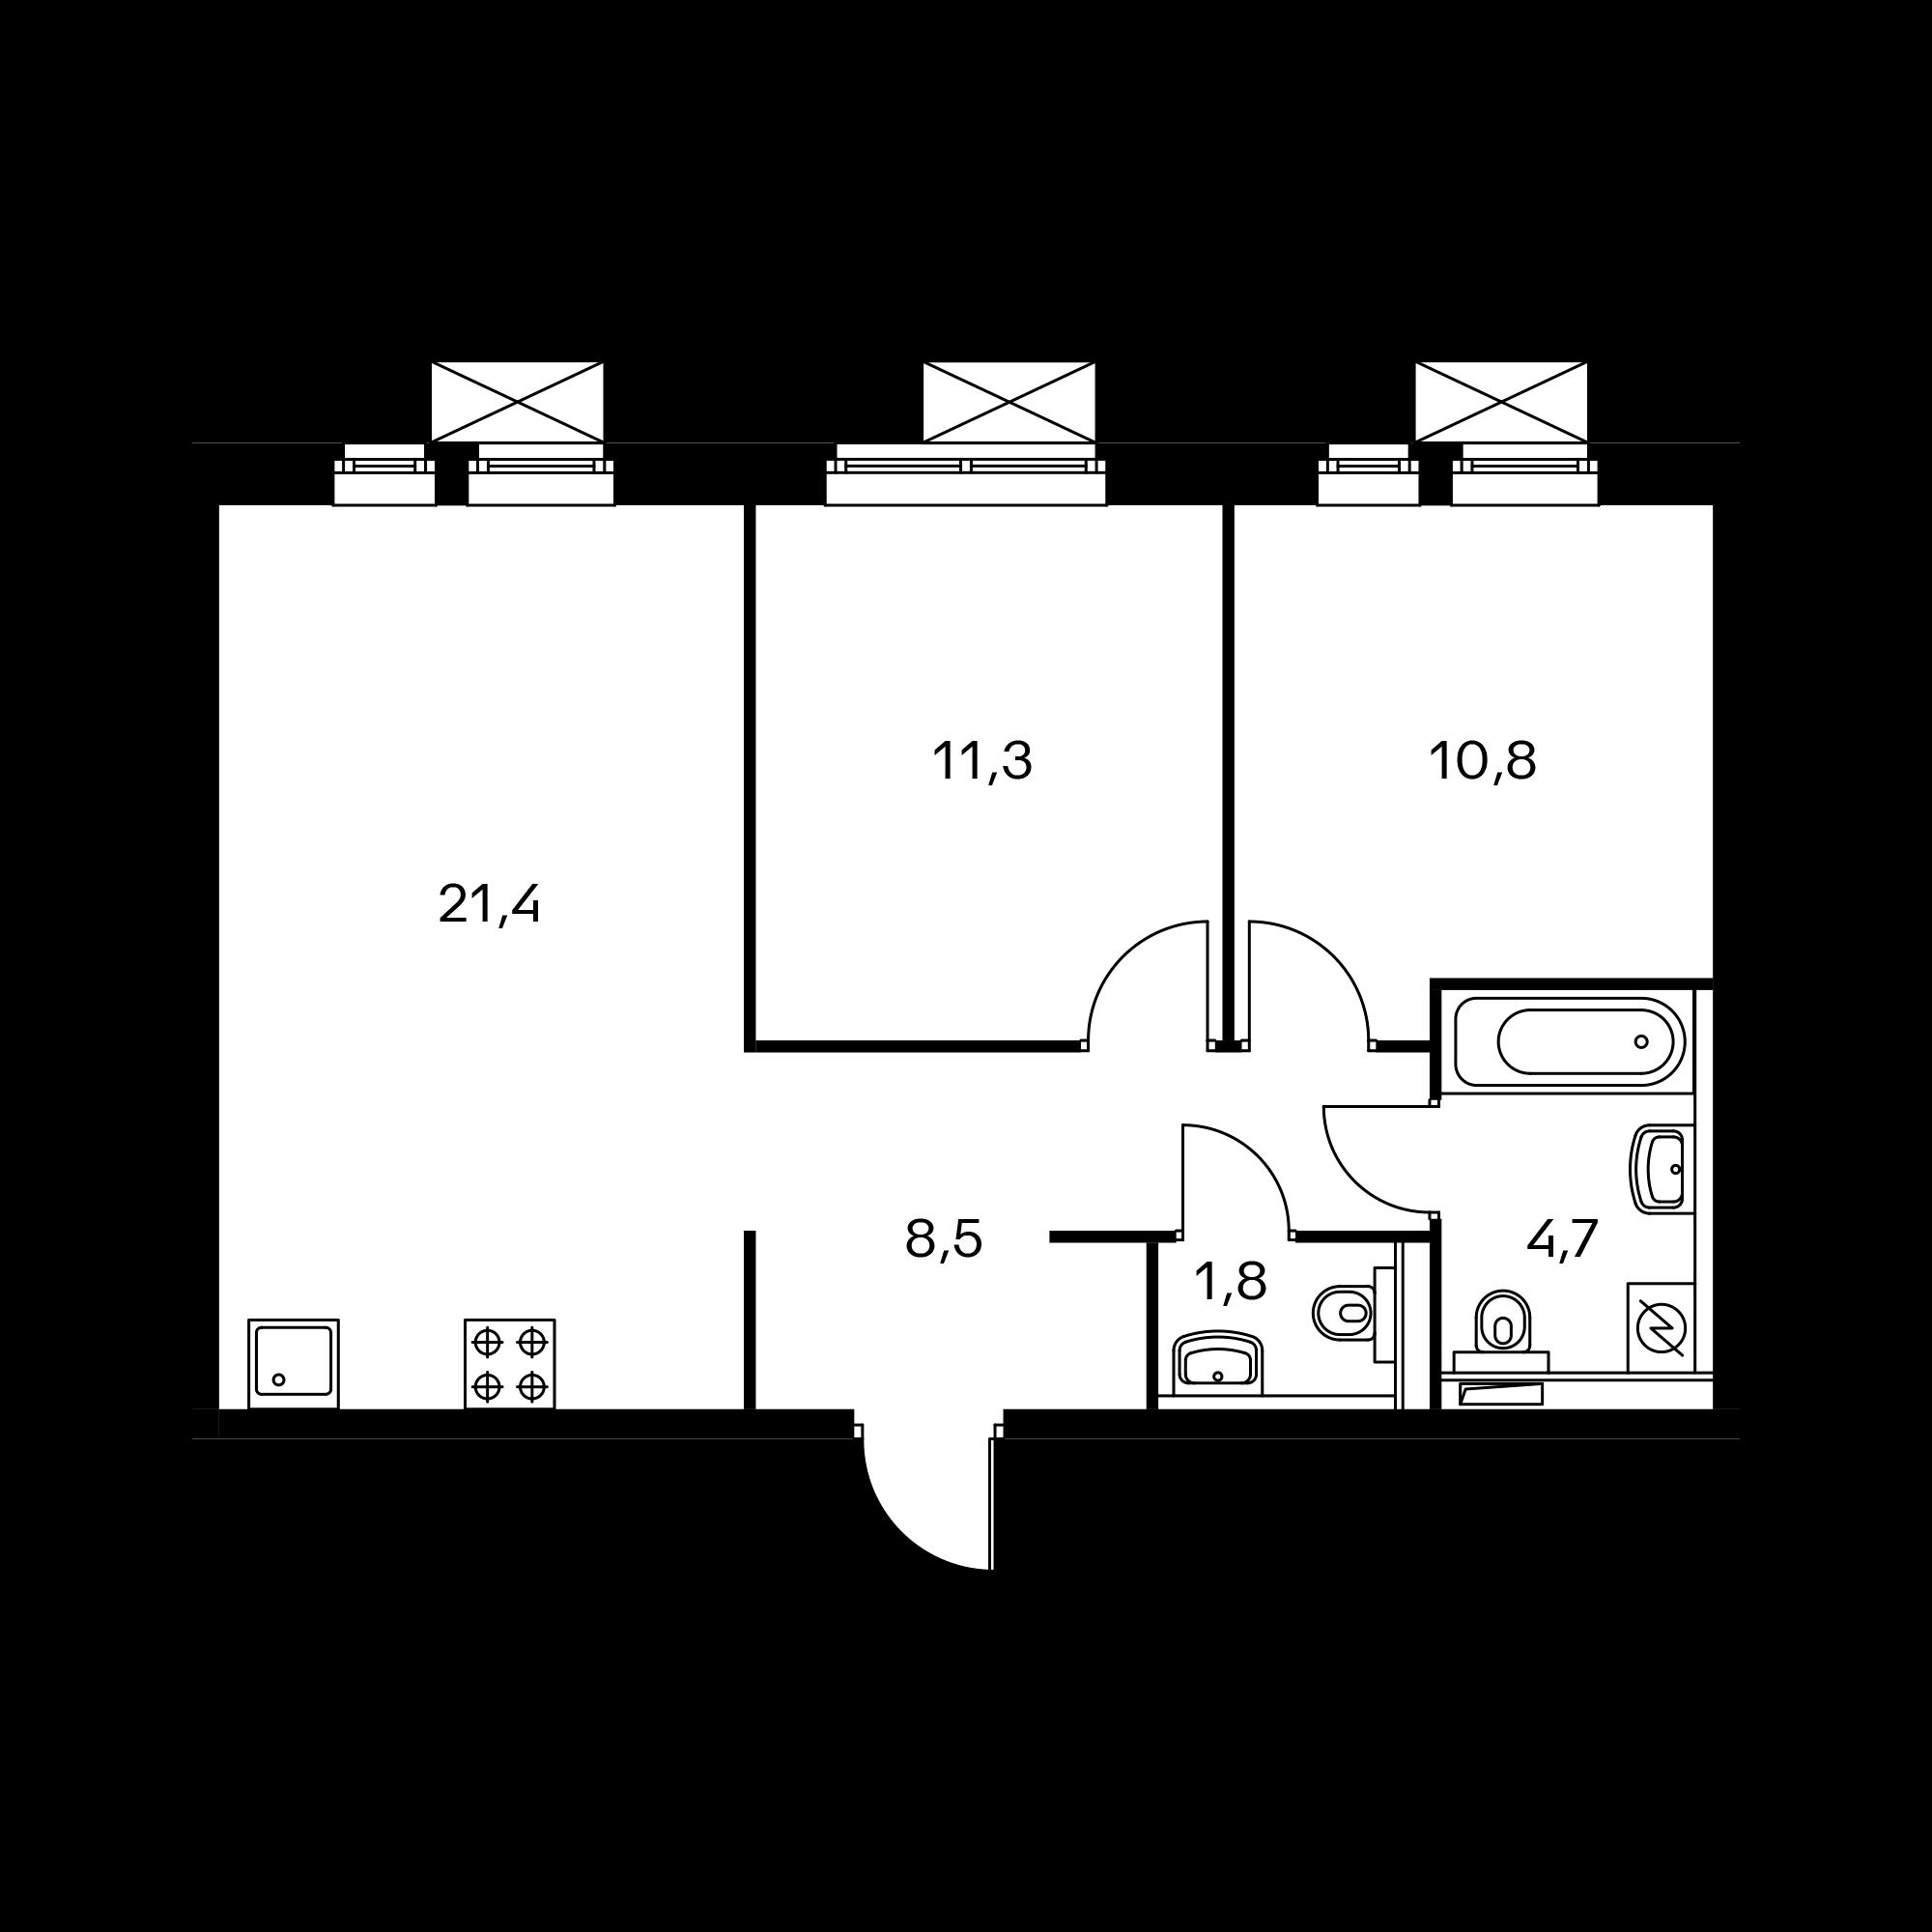 2EM9_10.2-1_S_A1